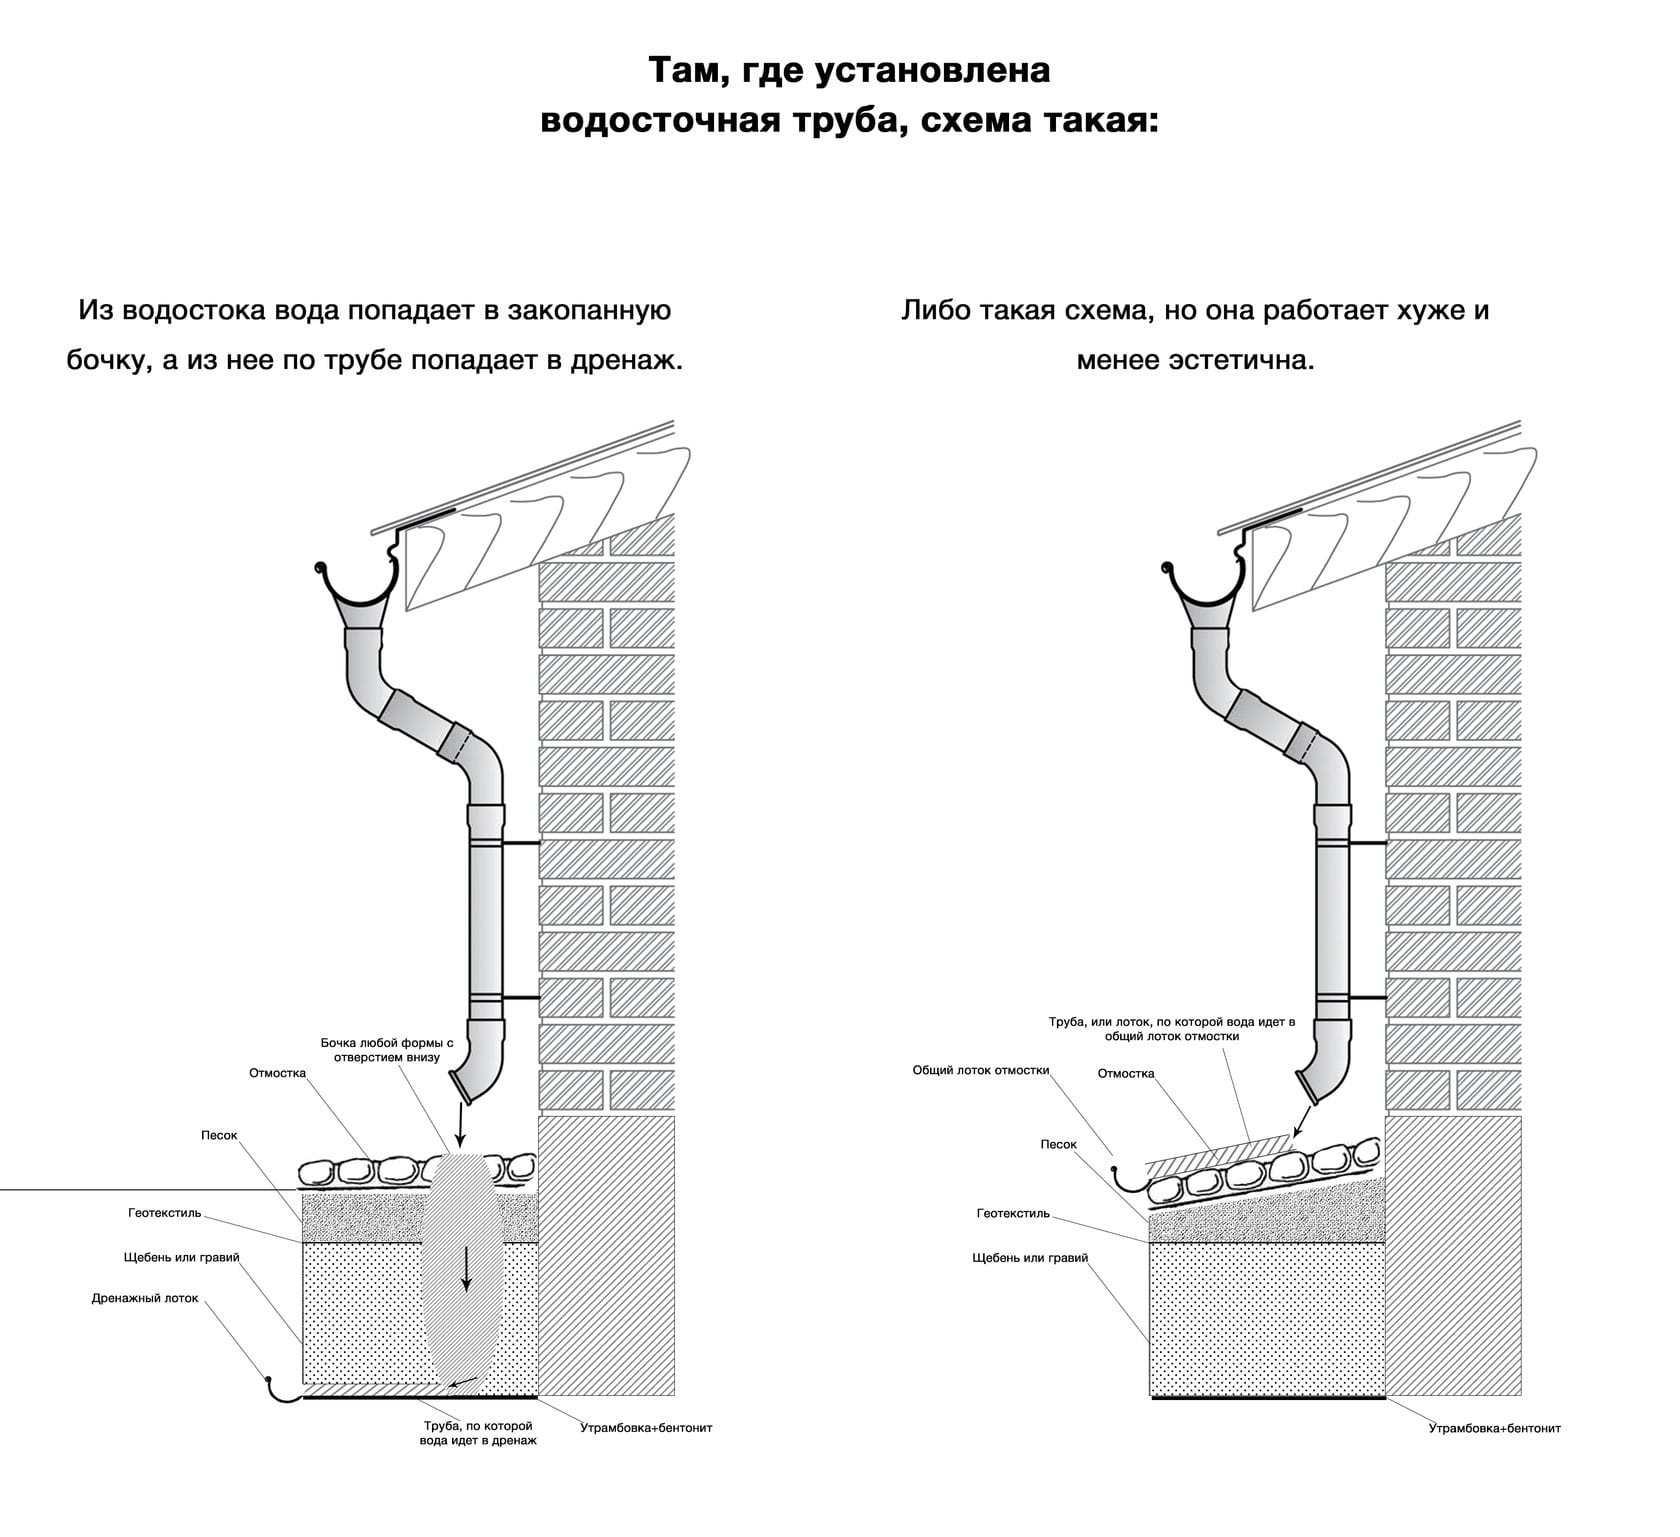 рекомендации по сохранению и реконструкции храмов